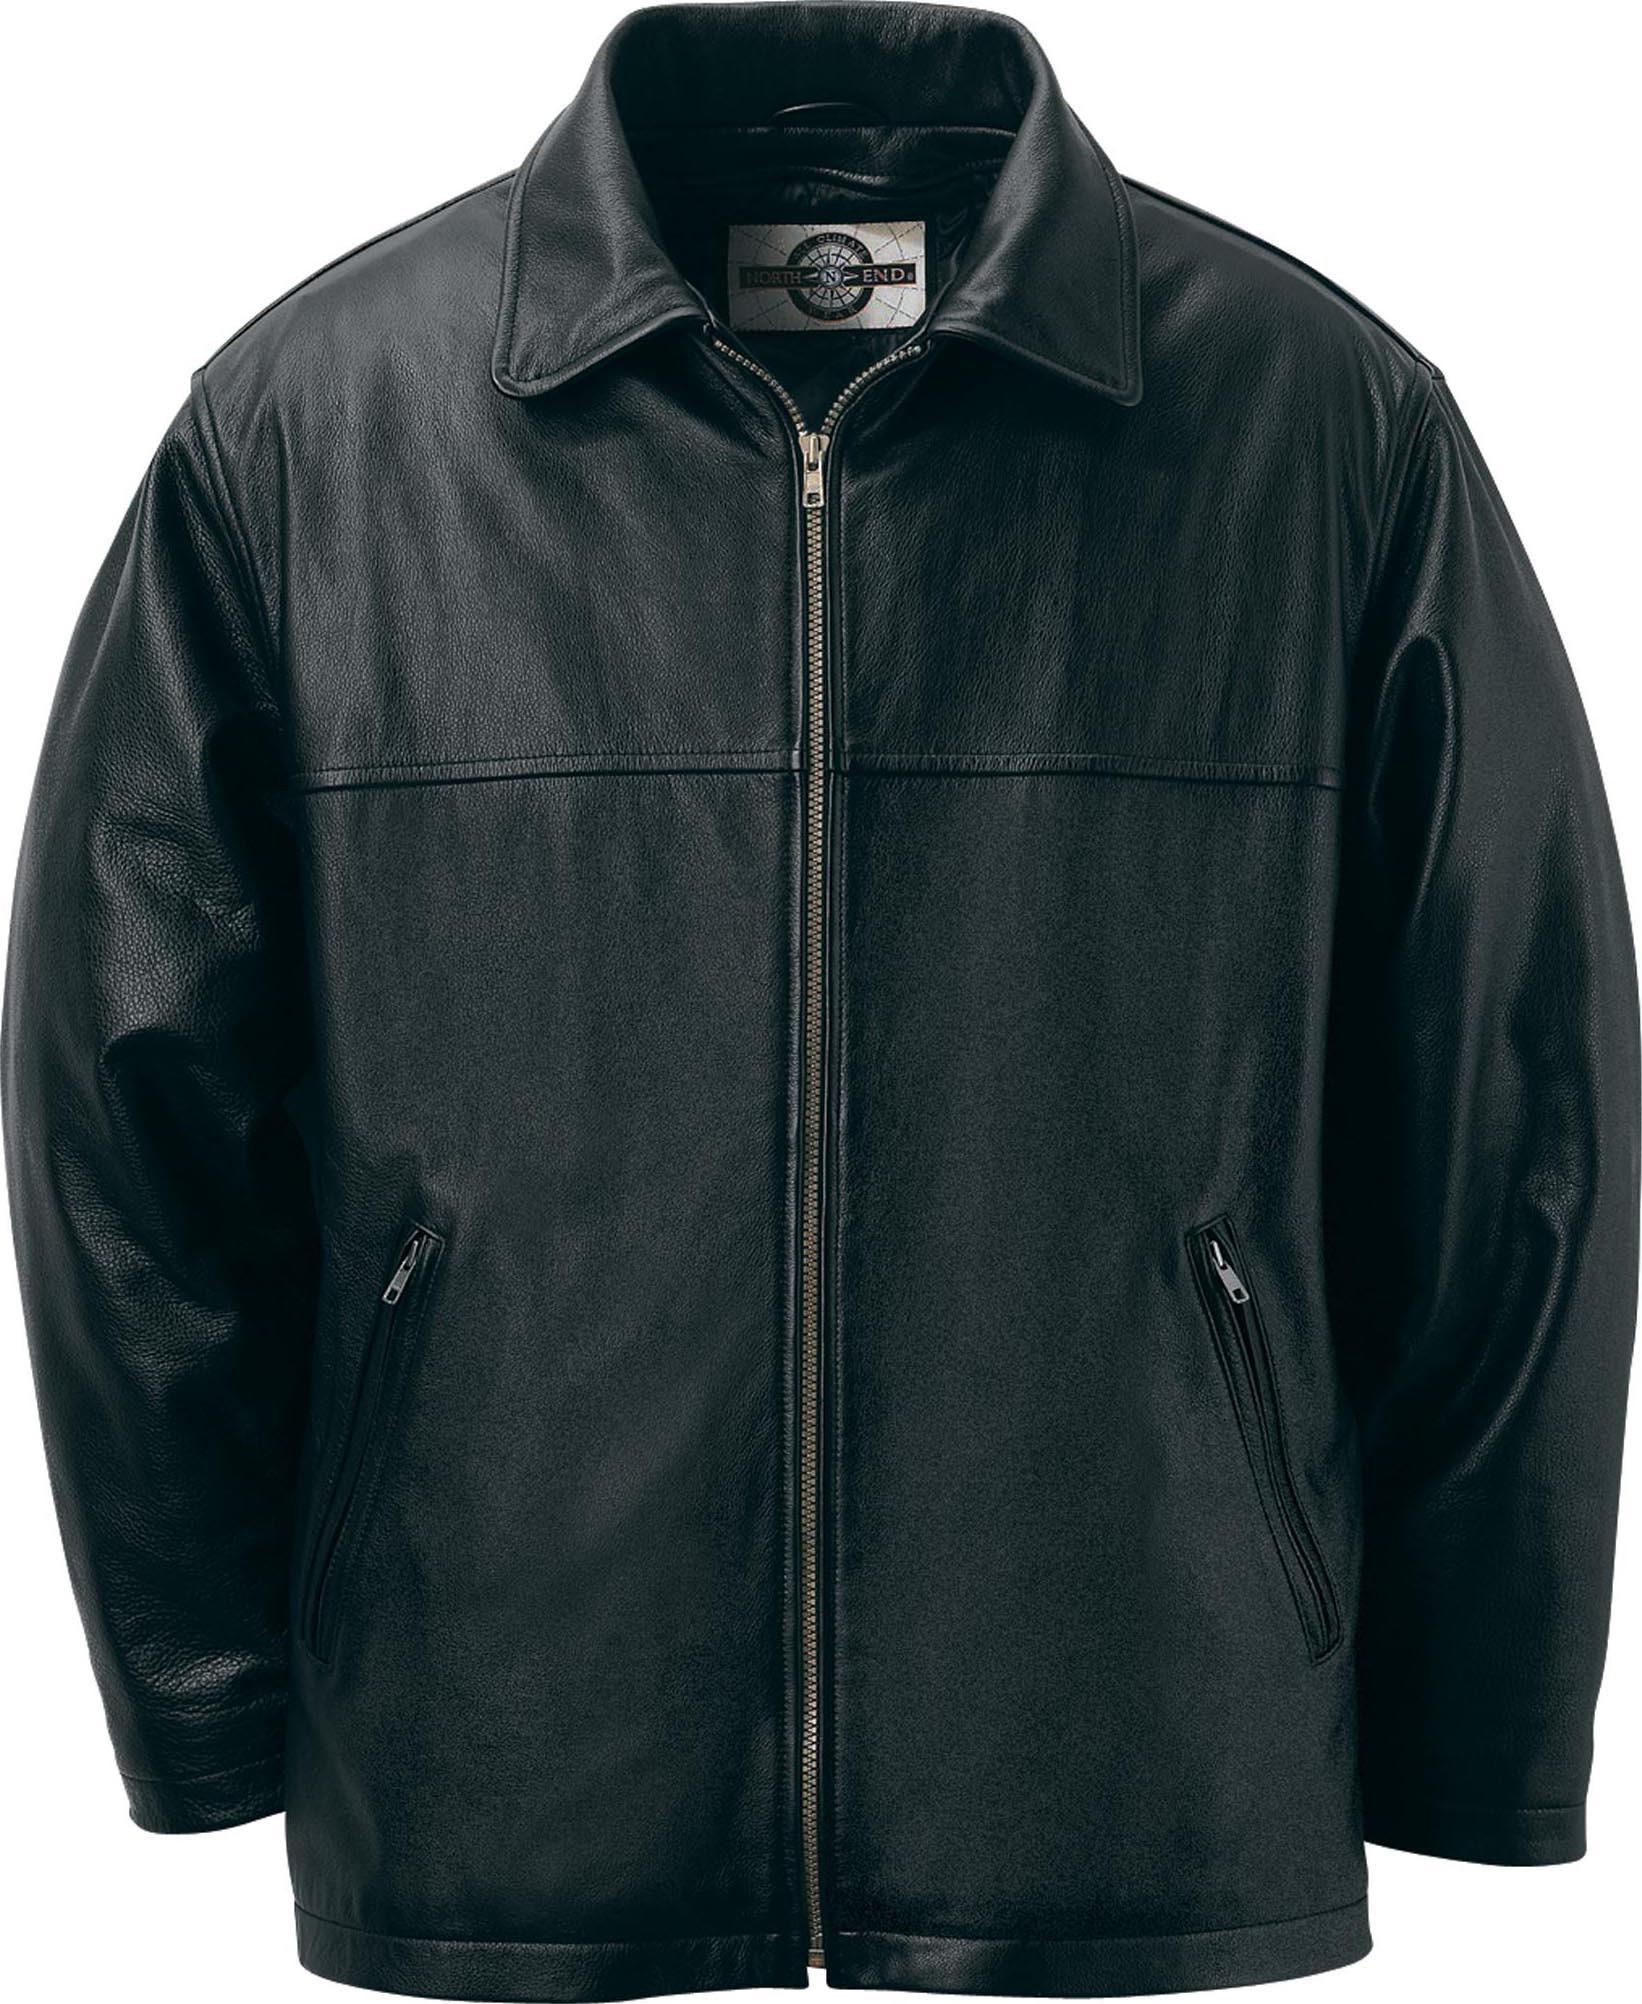 Ash City UTK 1 Warm.Logik 88076 - Men's Leather Mid Length Jacket